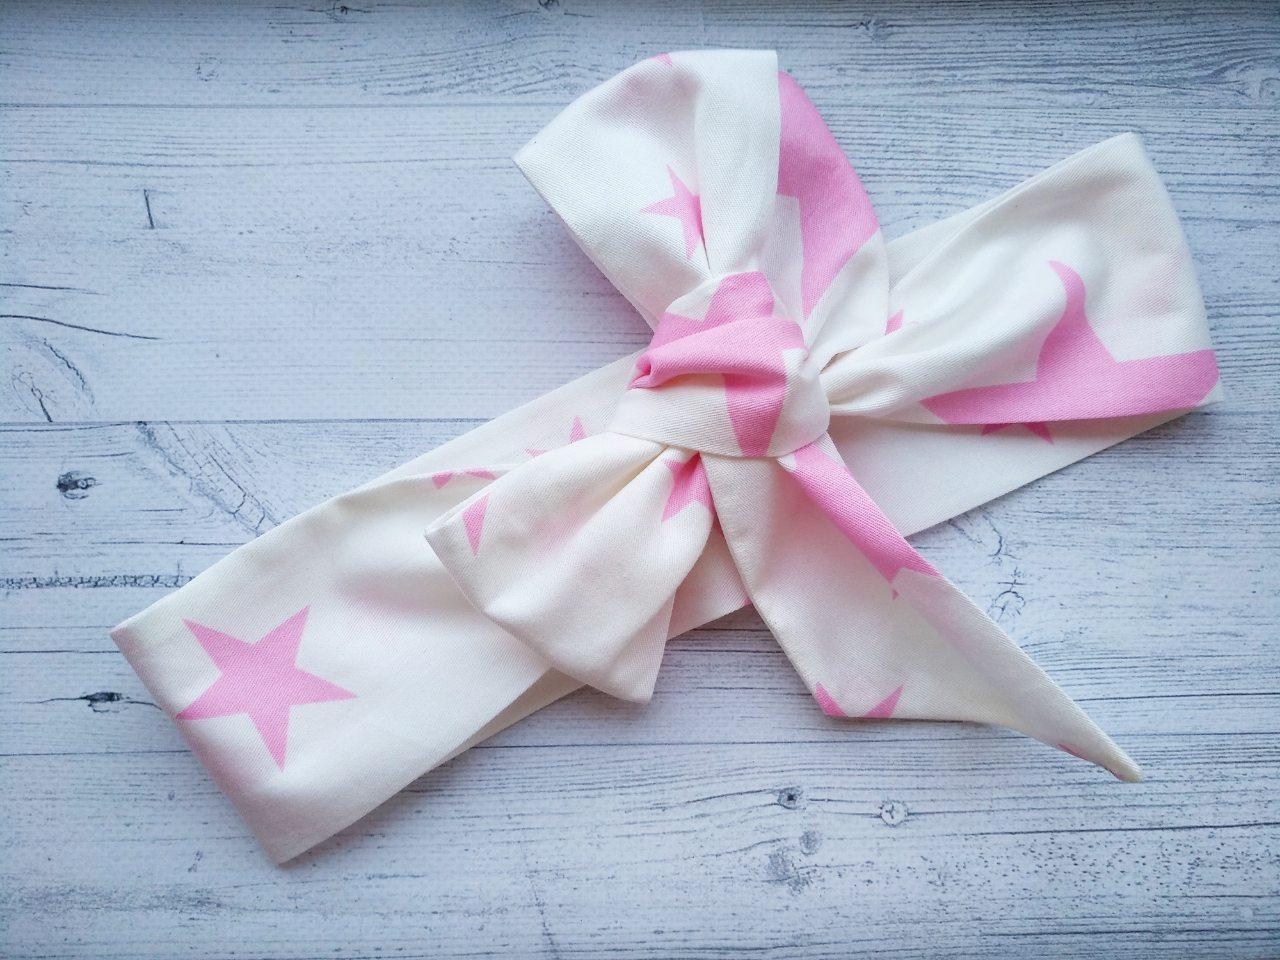 Повязка на голову для девочки солоха большой бант белая в розовых звездах